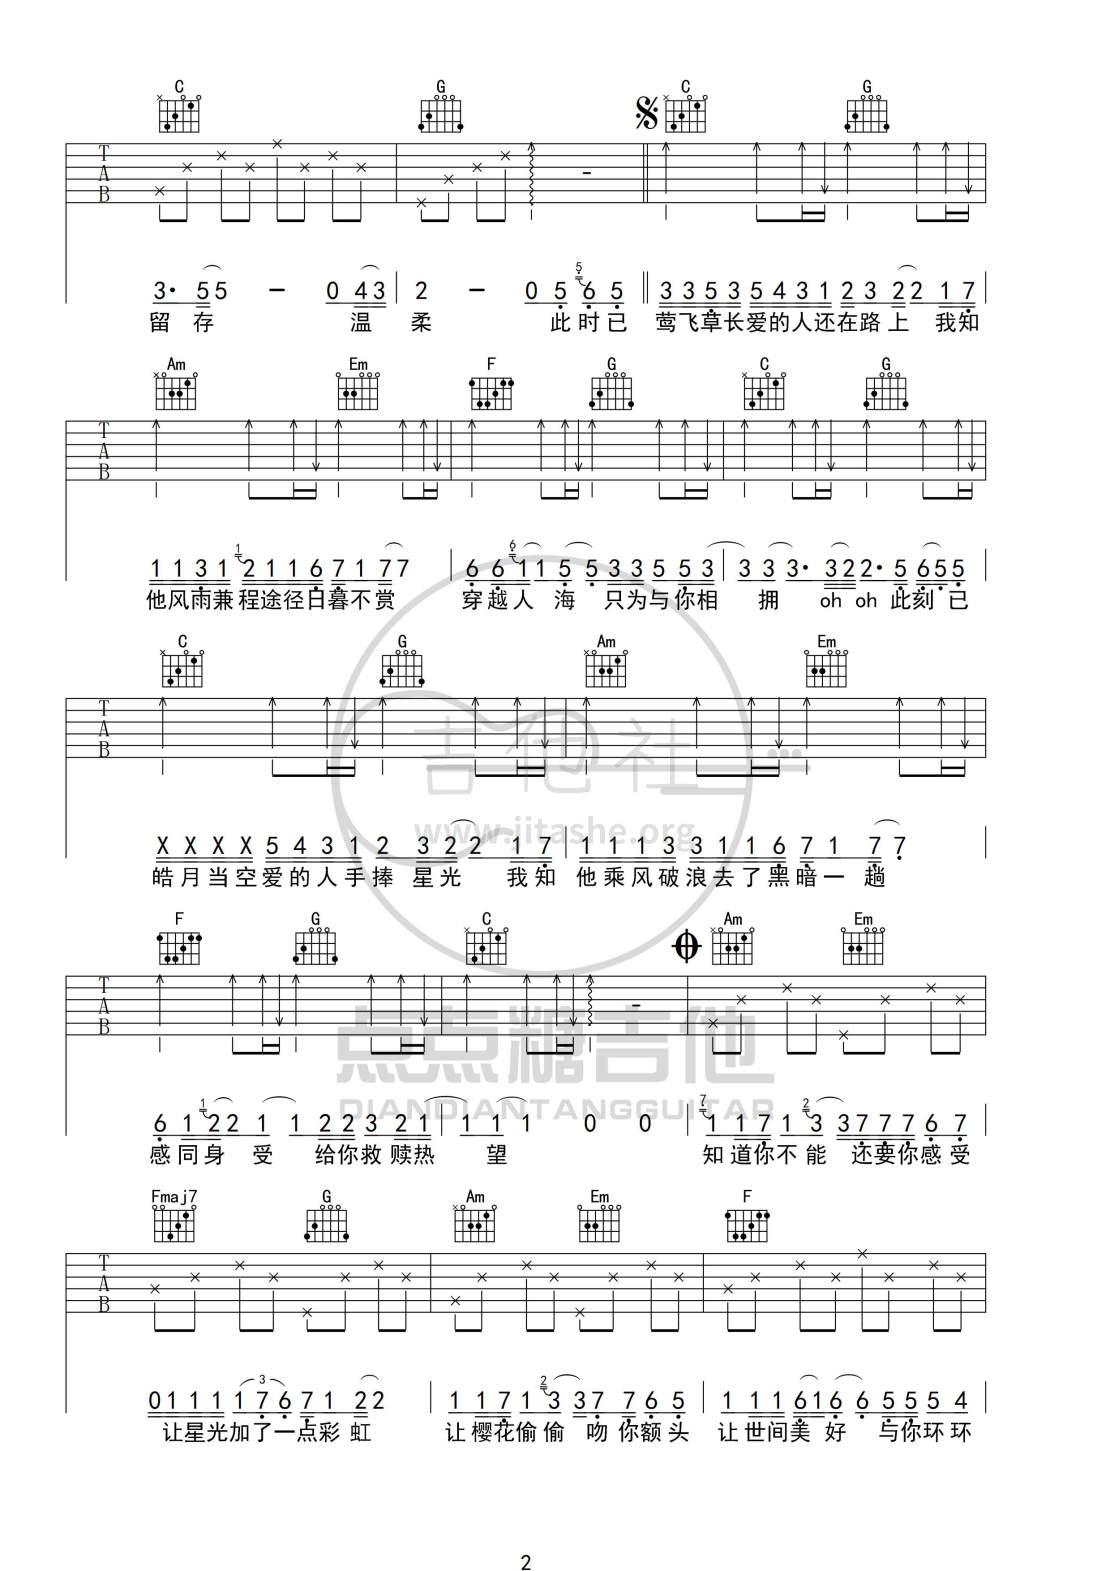 世间美好与你环环相扣(C调吉他弹唱谱)吉他谱(图片谱,C调,弹唱)_柏松_世间美好与你环环相扣2 300.jpg